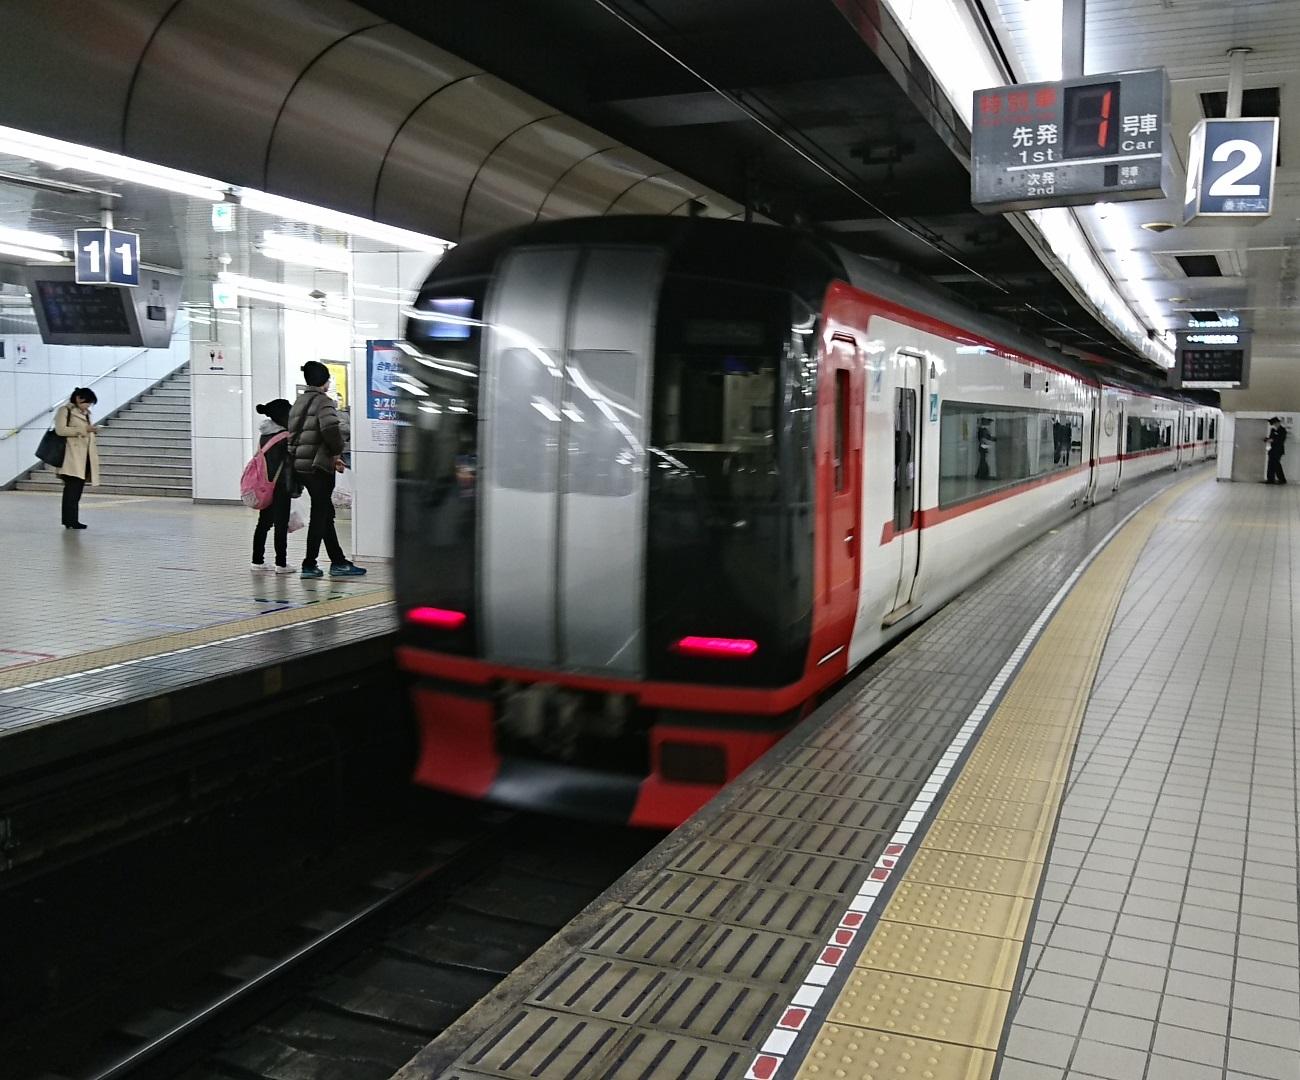 2017.1.13 名古屋まで (11) 名古屋 -  岐阜いき特急(うしろ)1300-1080